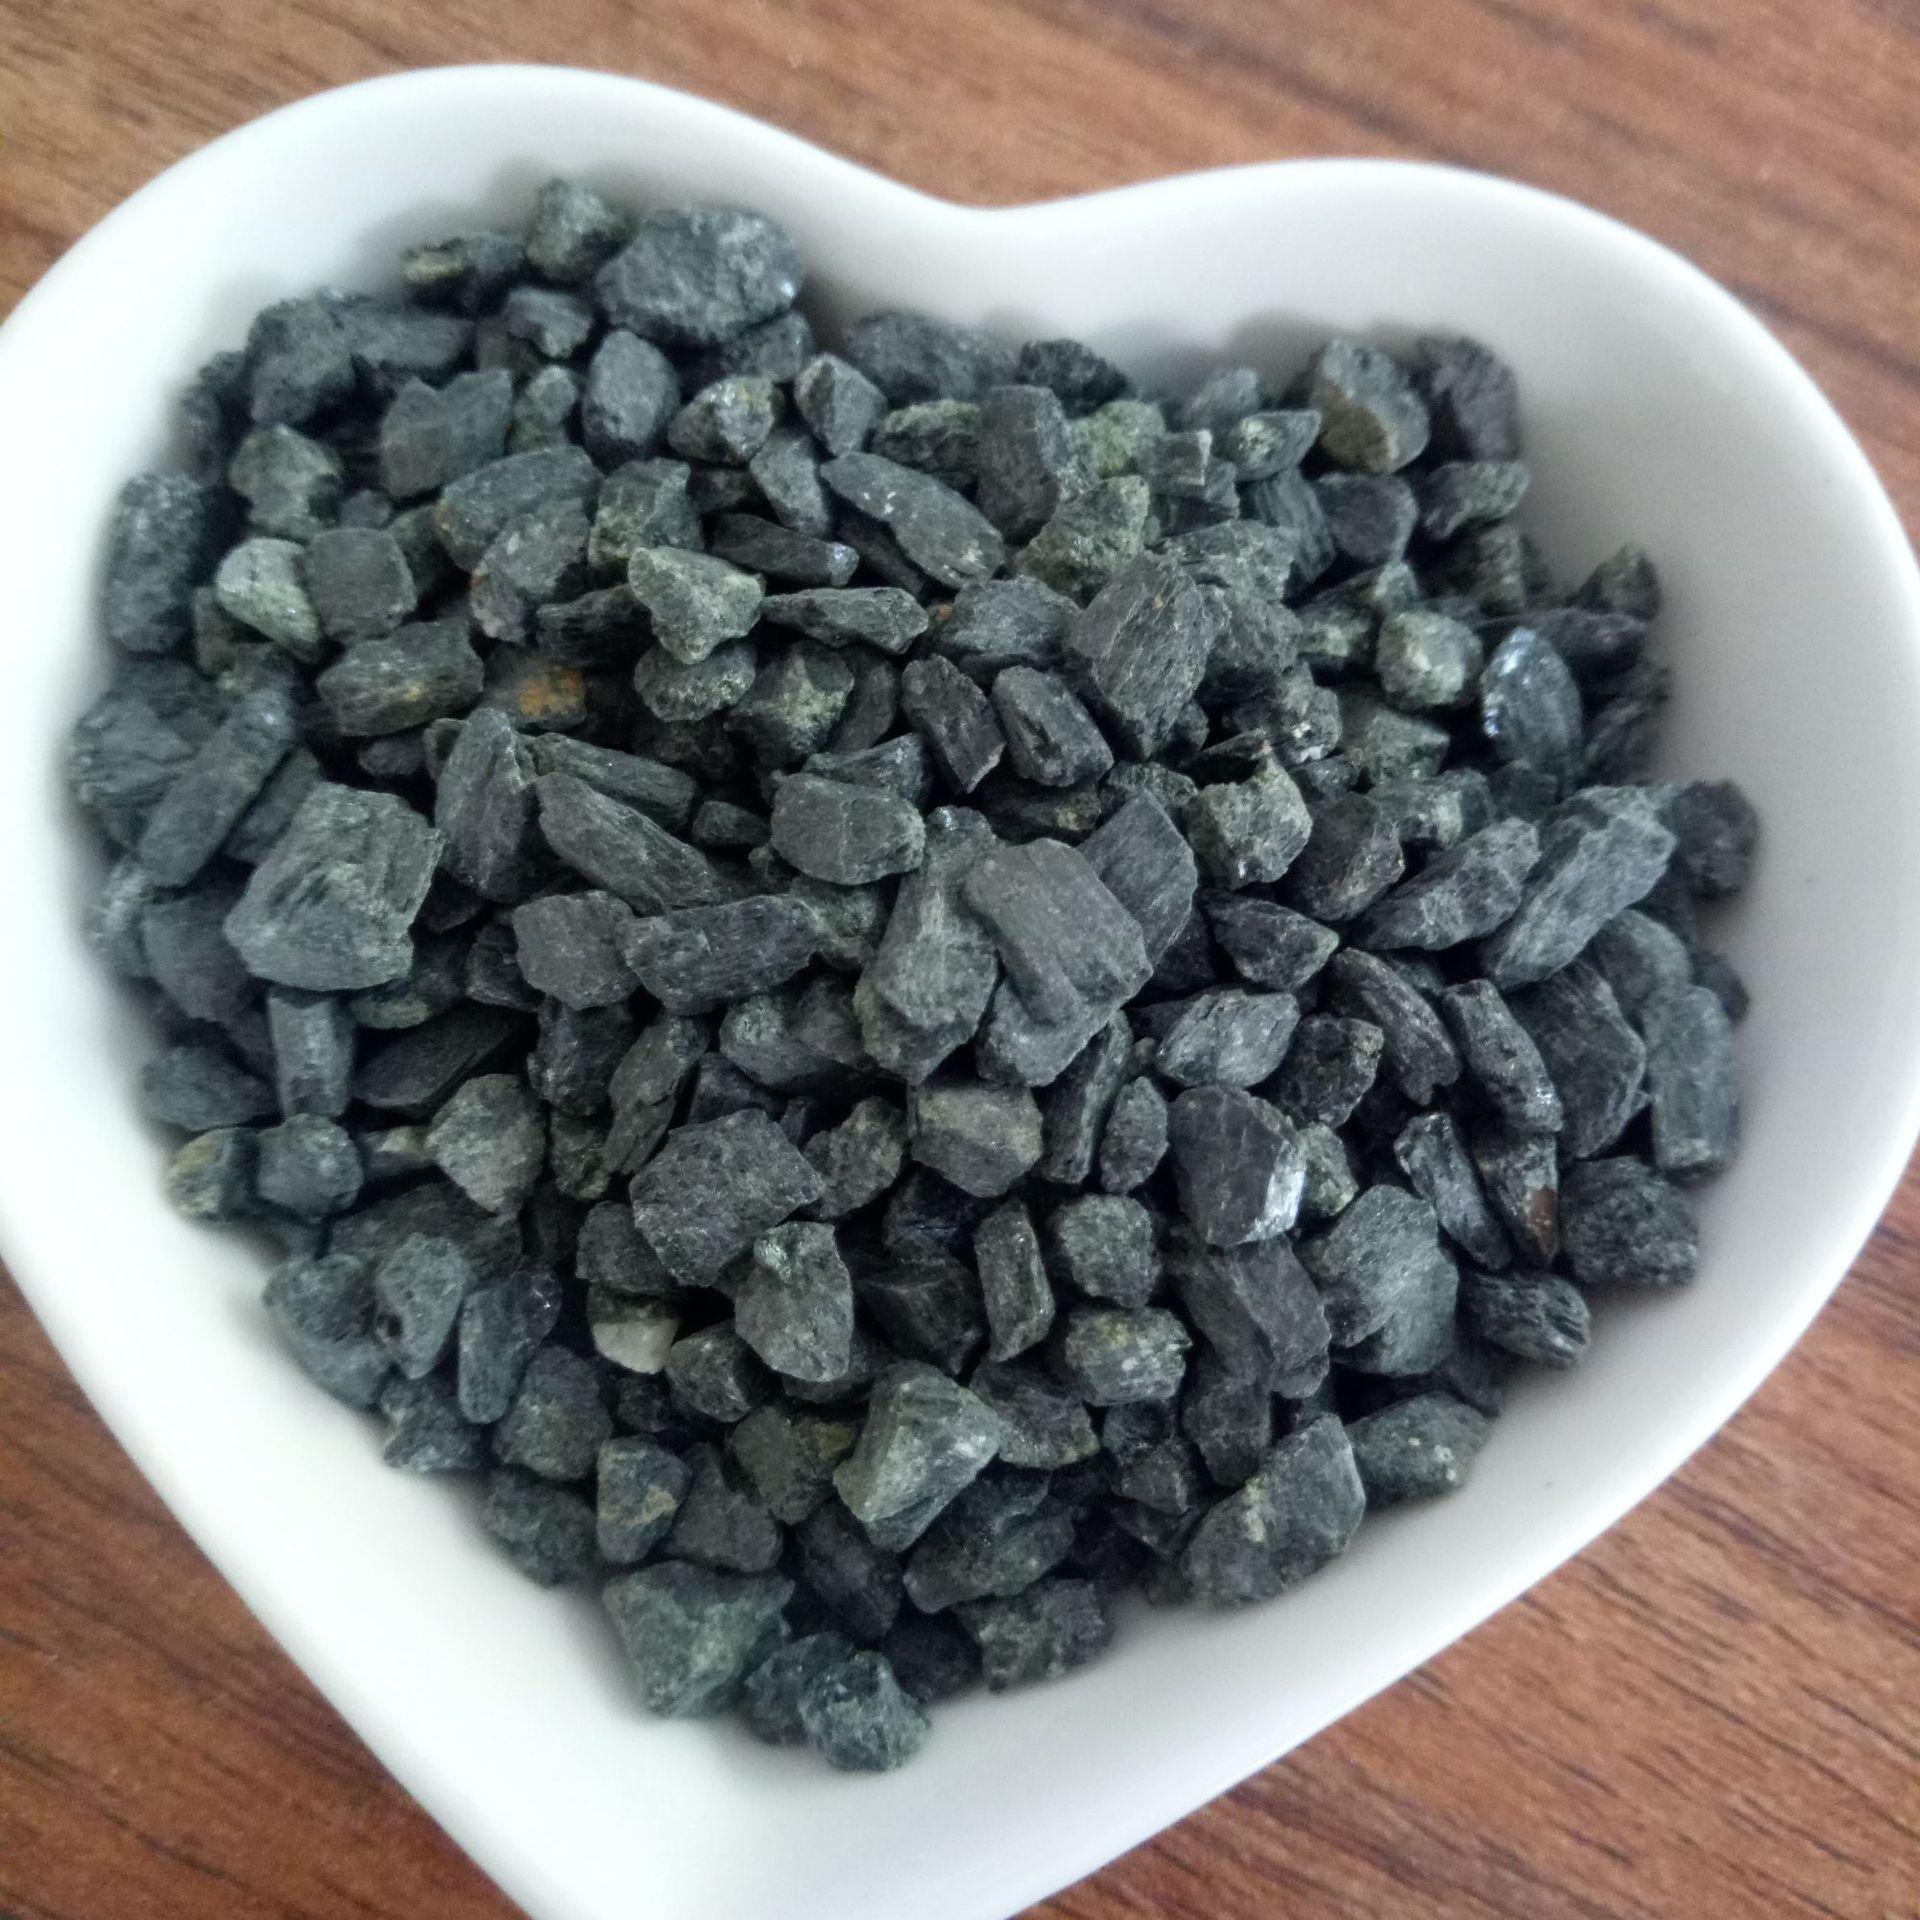 JINGTAI Khoáng sản phi kim loại Các nhà sản xuất cung cấp tourmaline hấp phòng tourmaline hạt tinh t